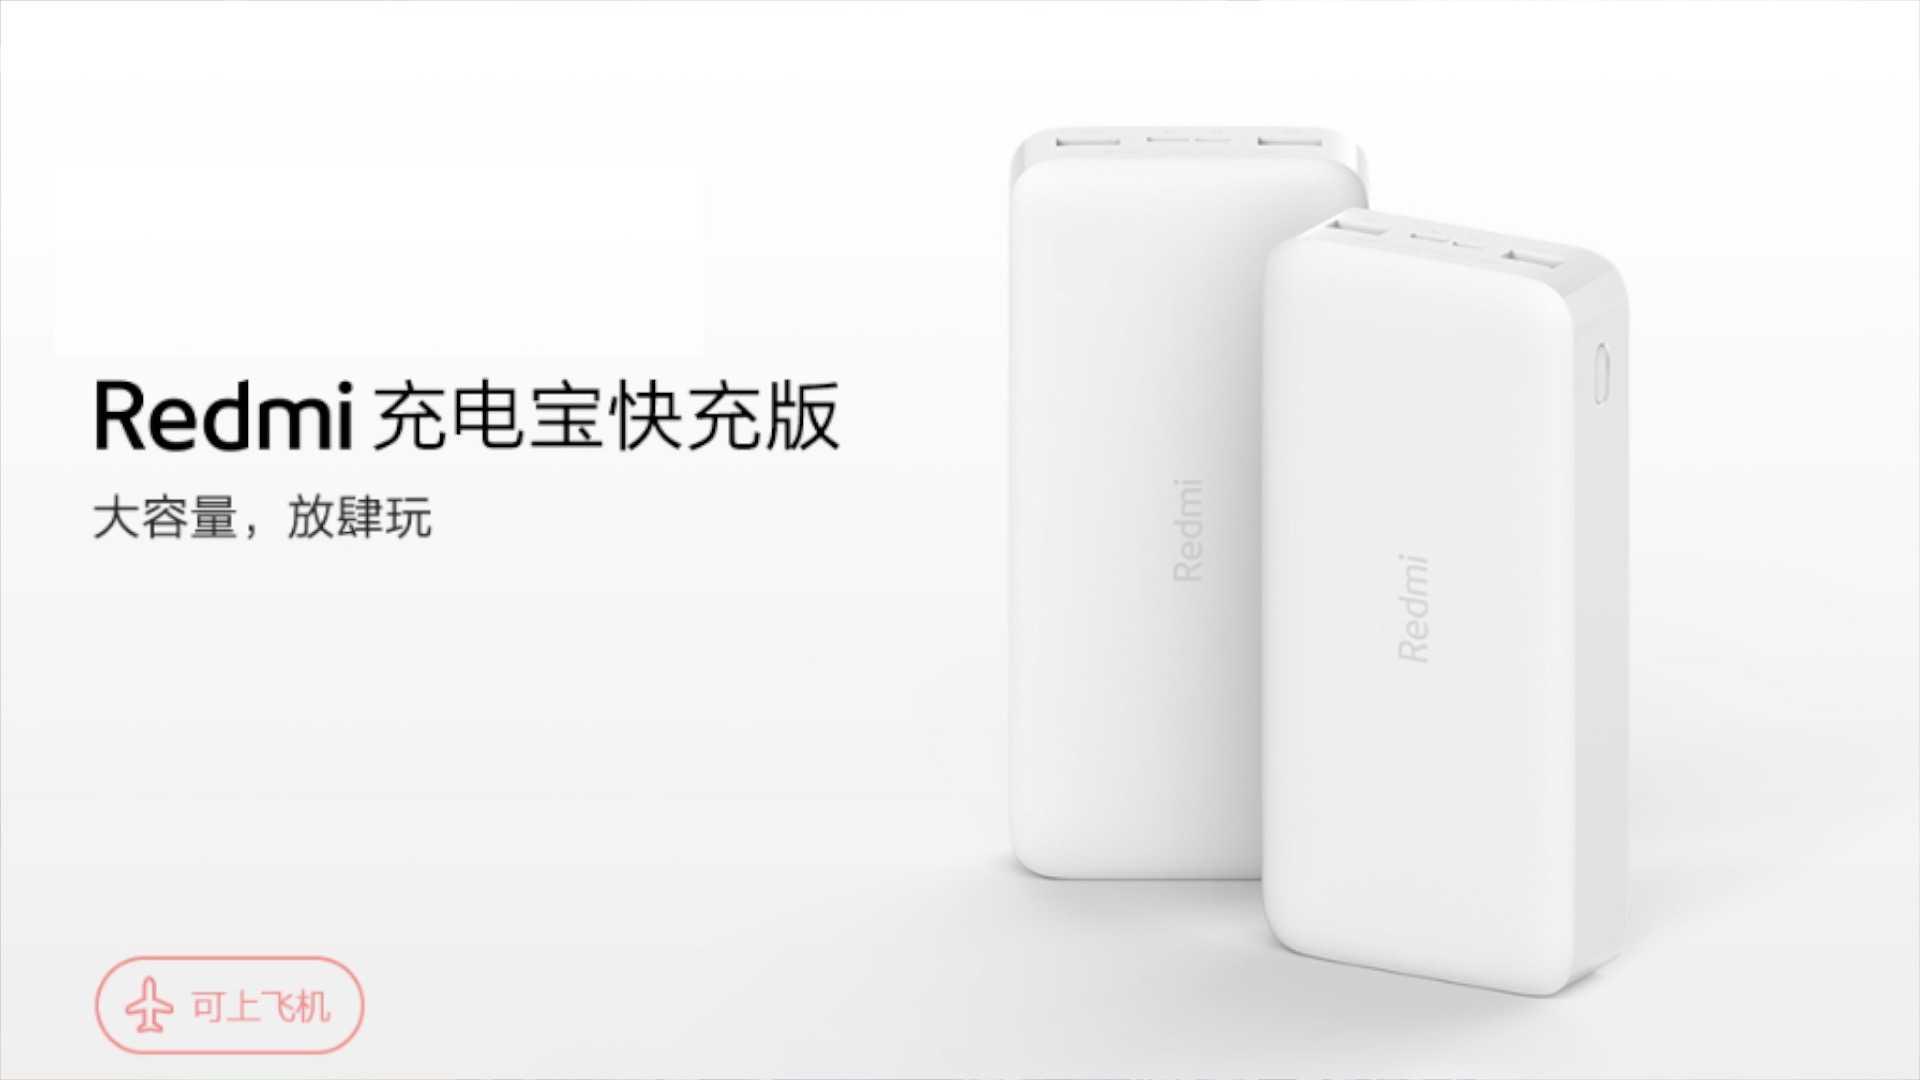 Обзор xiaomi power bank: сравнение линеек redmi и mi 3